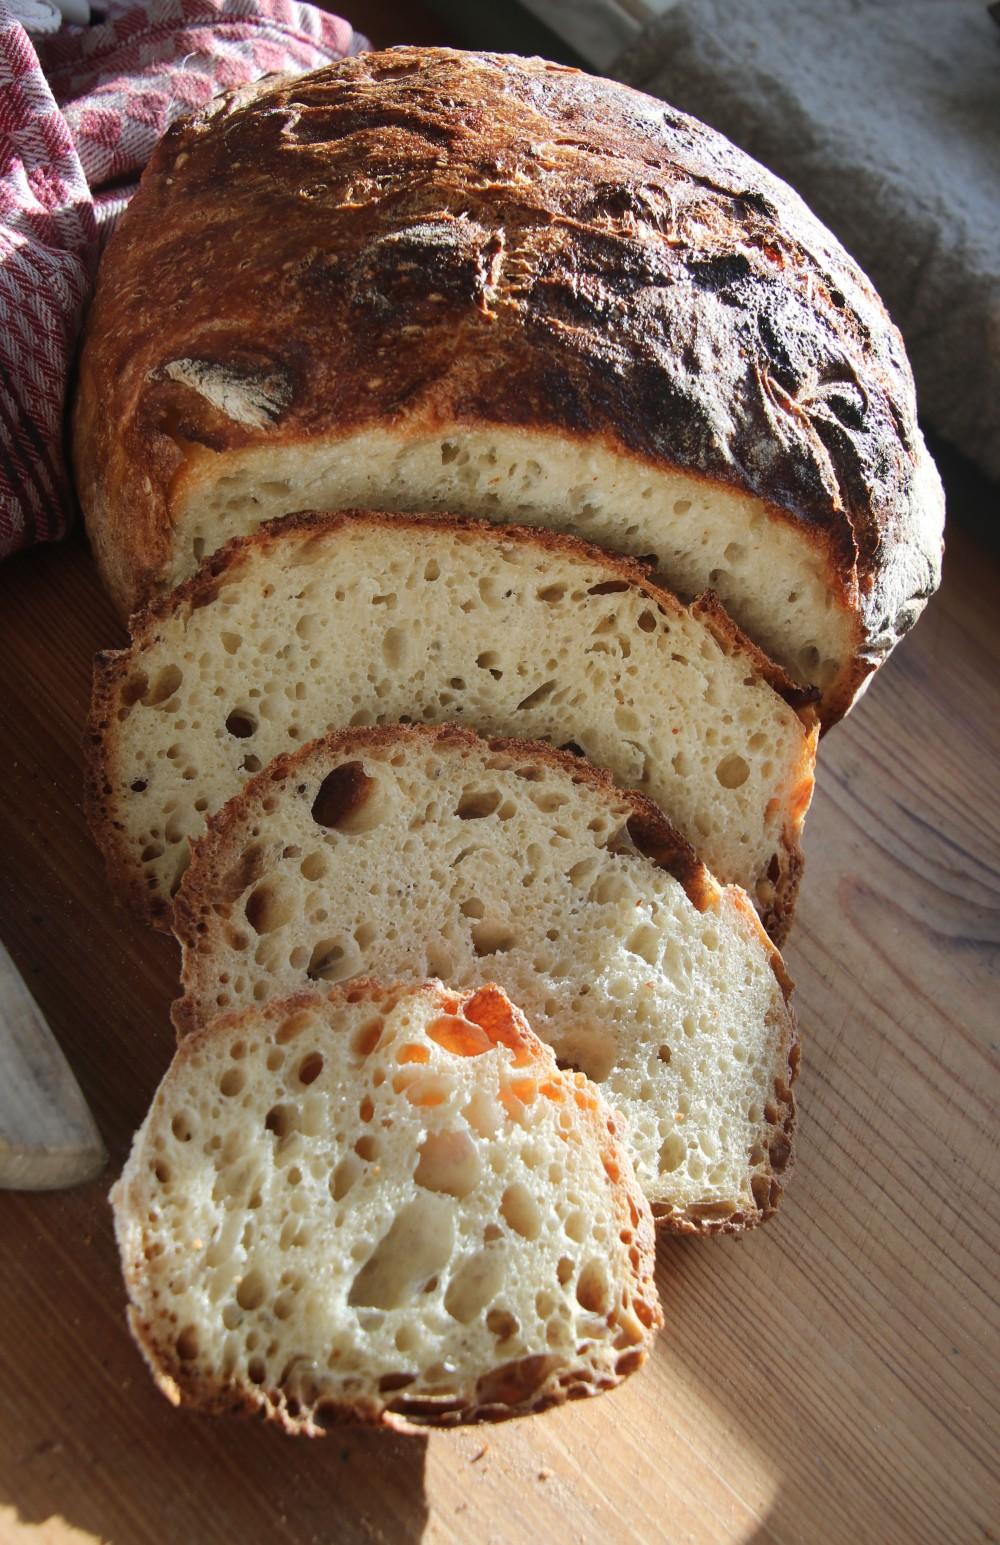 Brotdurst2.jpg